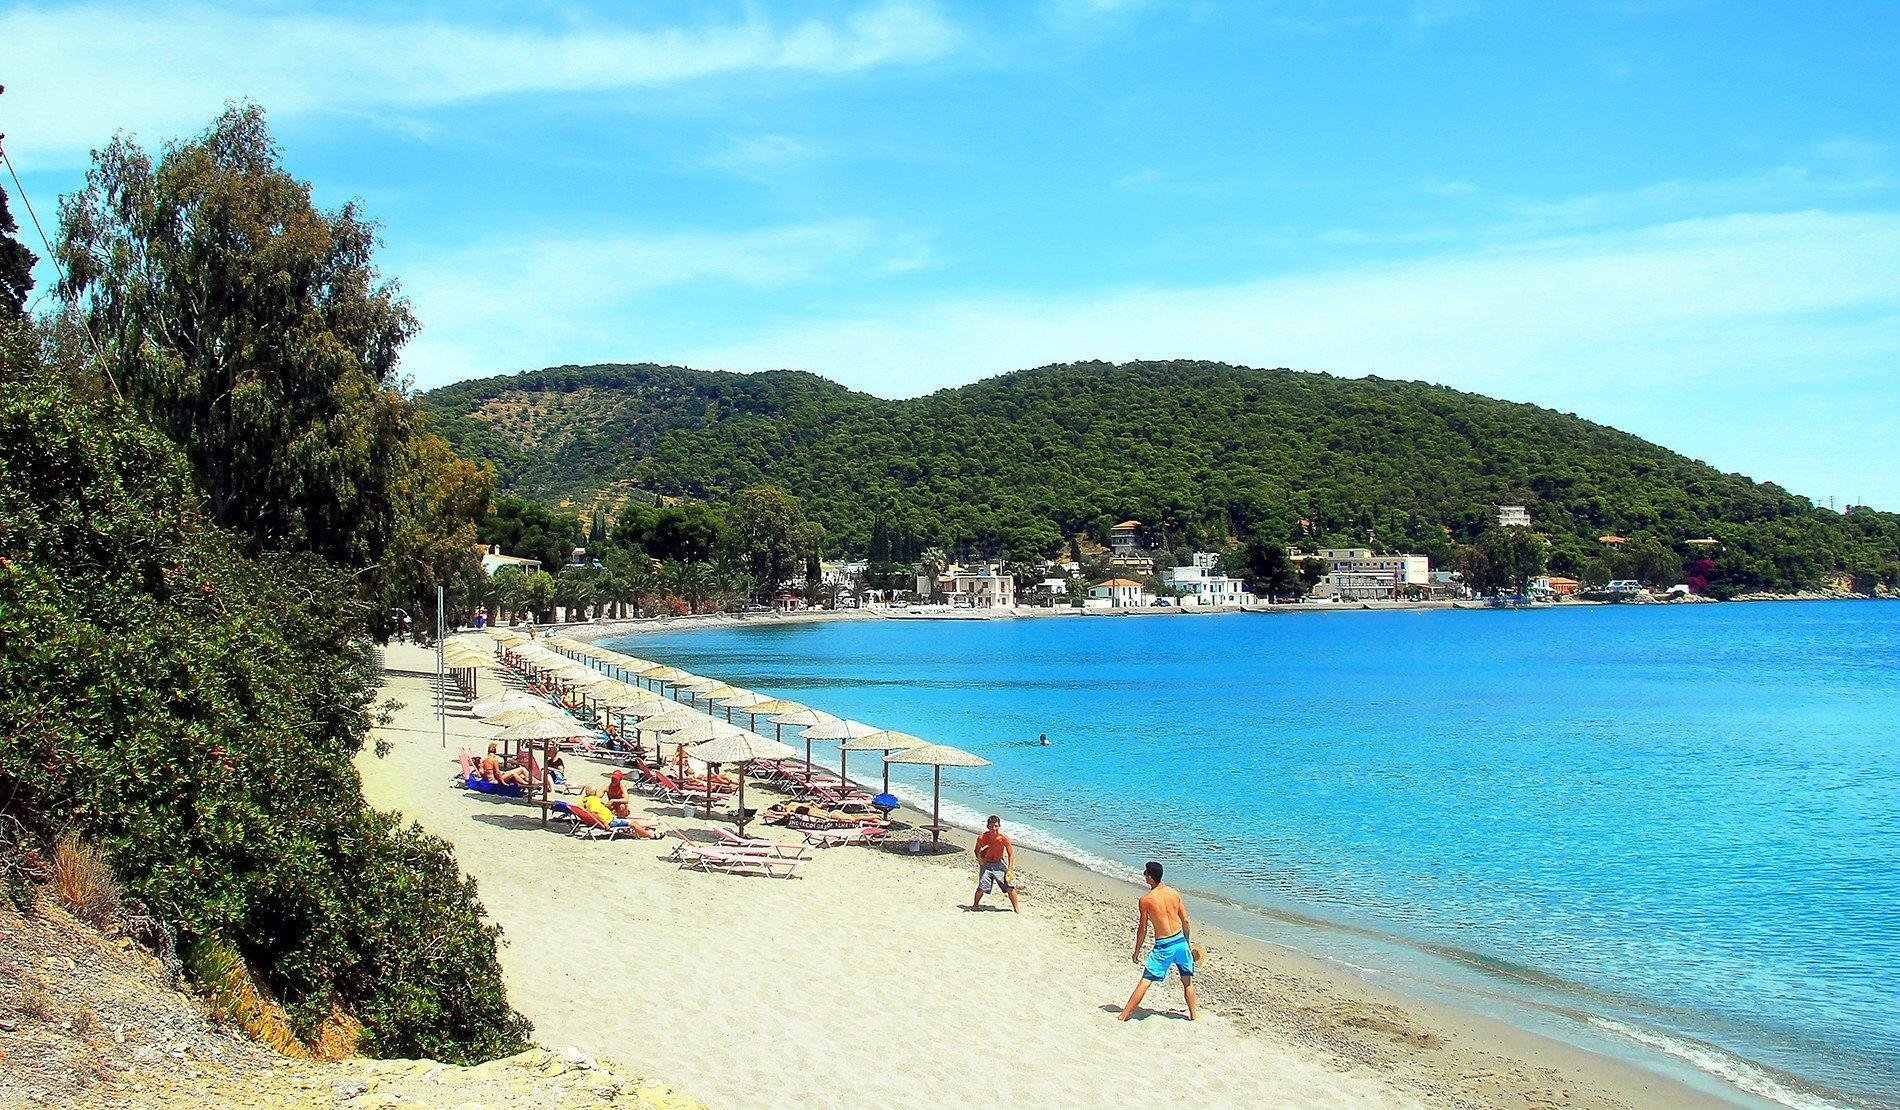 Askeli Beach Poros